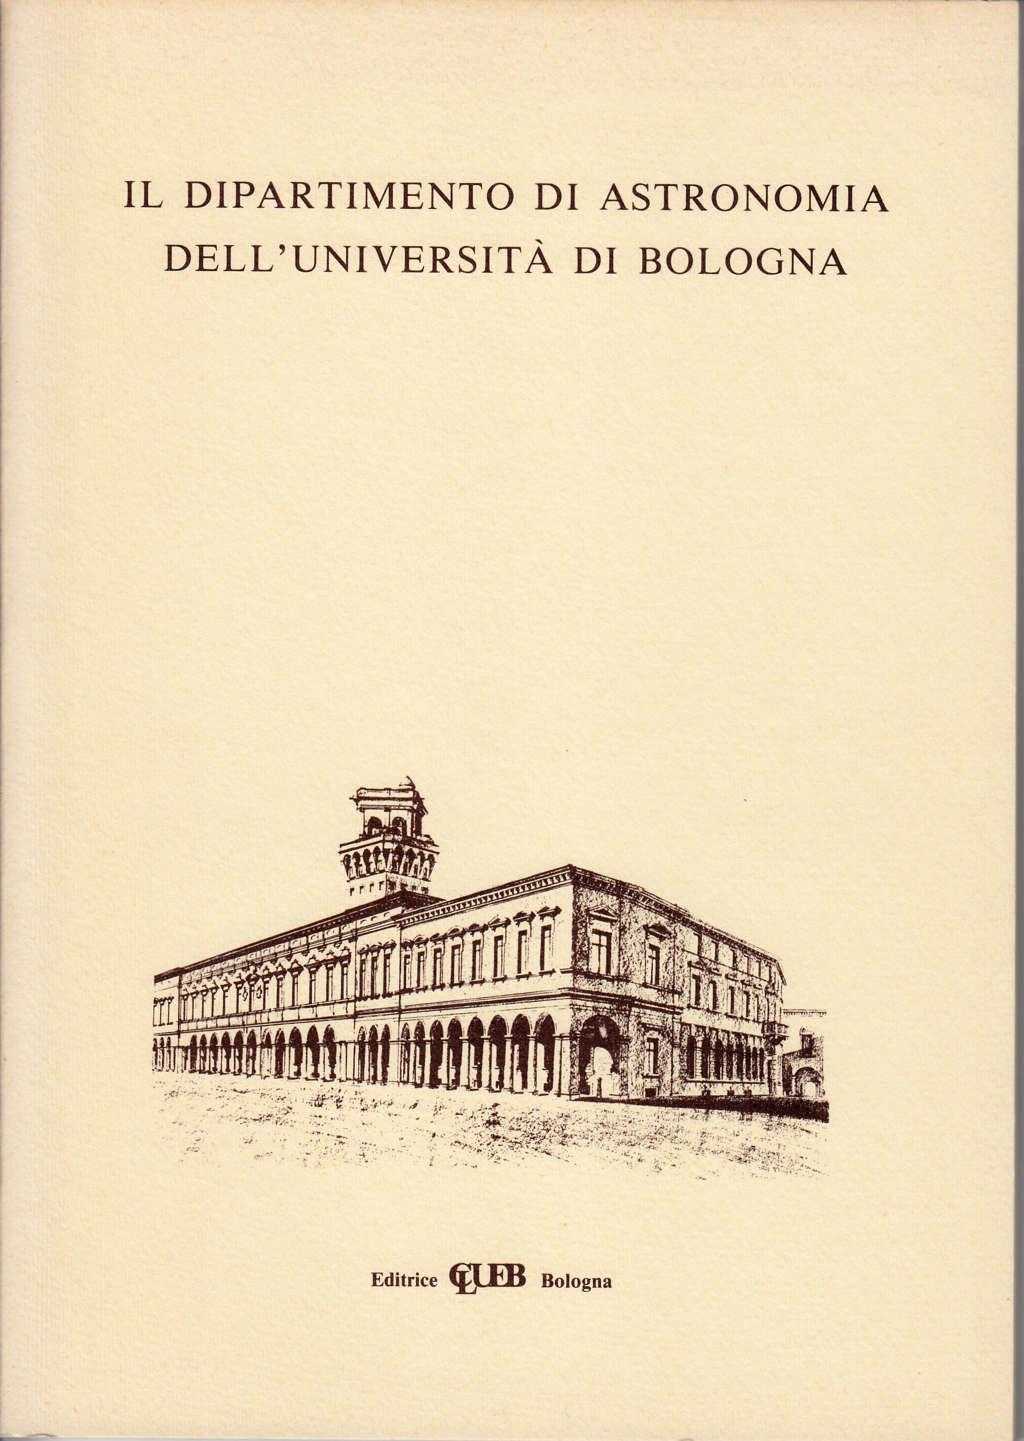 Il Dipartimento di astronomia dell'Università di Bologna